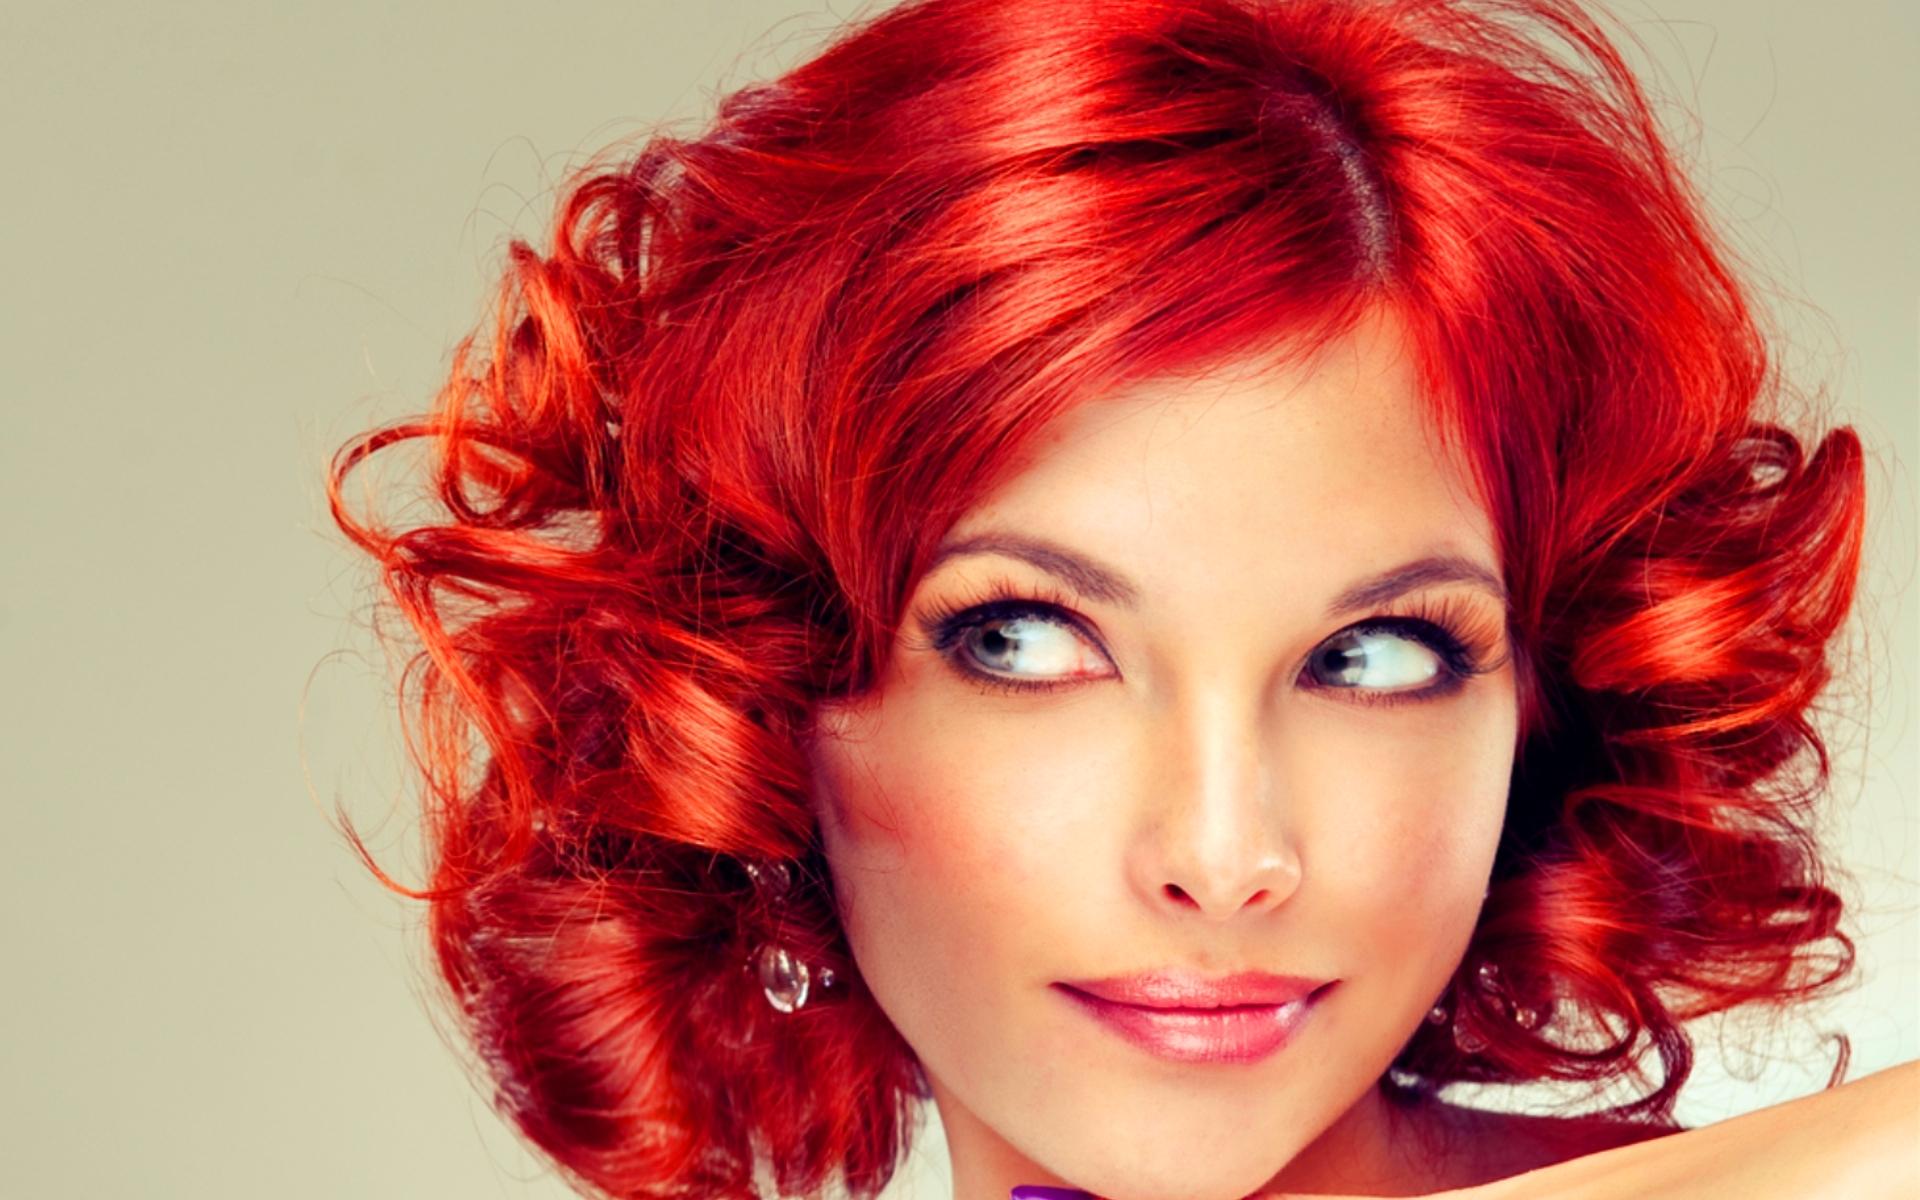 Фото девушки с бордовыми волосами